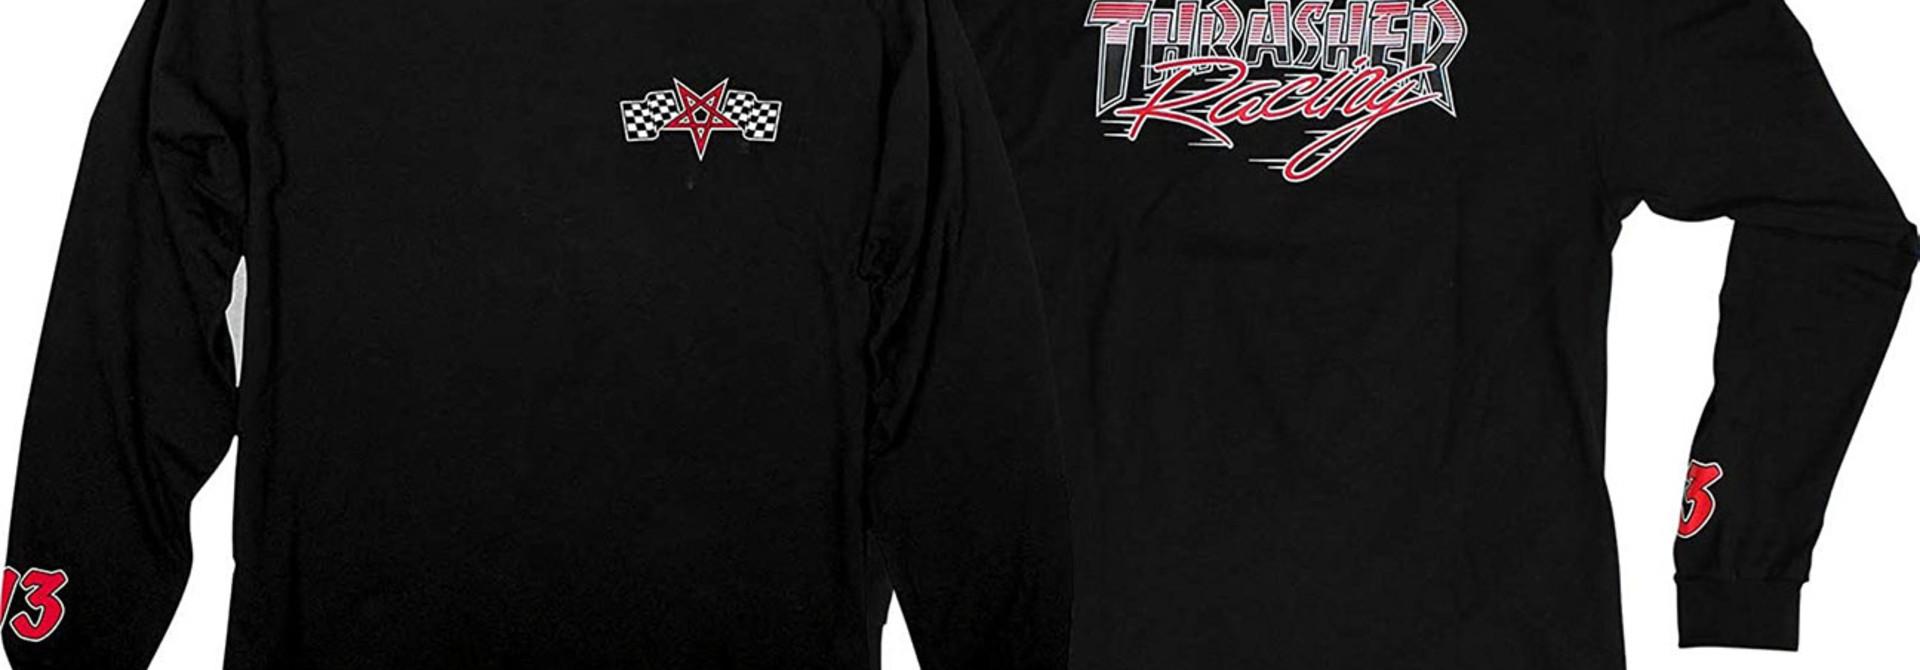 Racing Long-sleeve, Black/Red